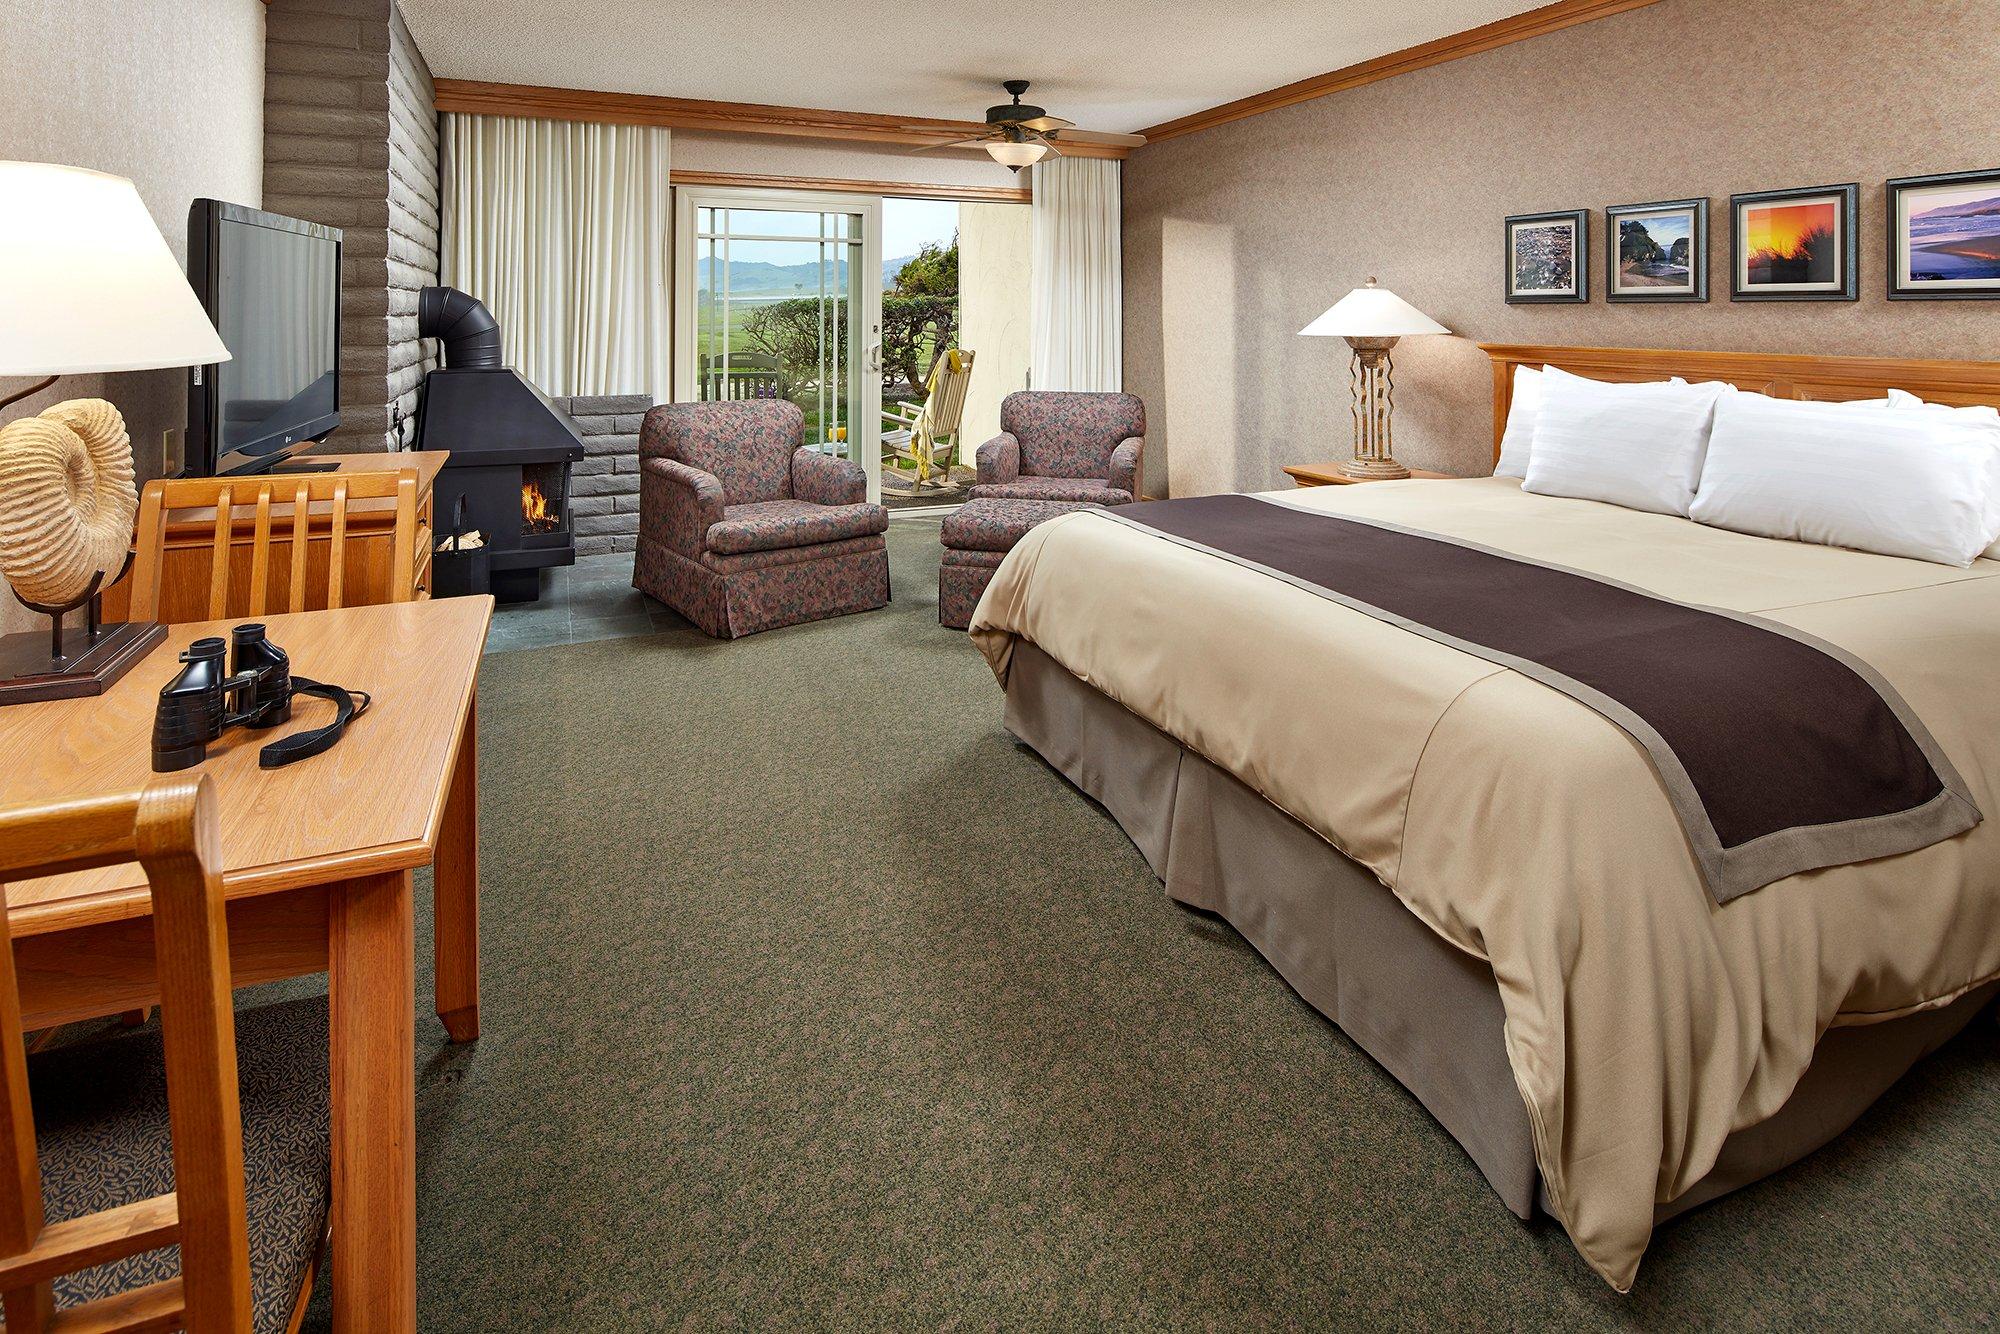 貝斯特韋斯特卡瓦利爾海濱度假酒店